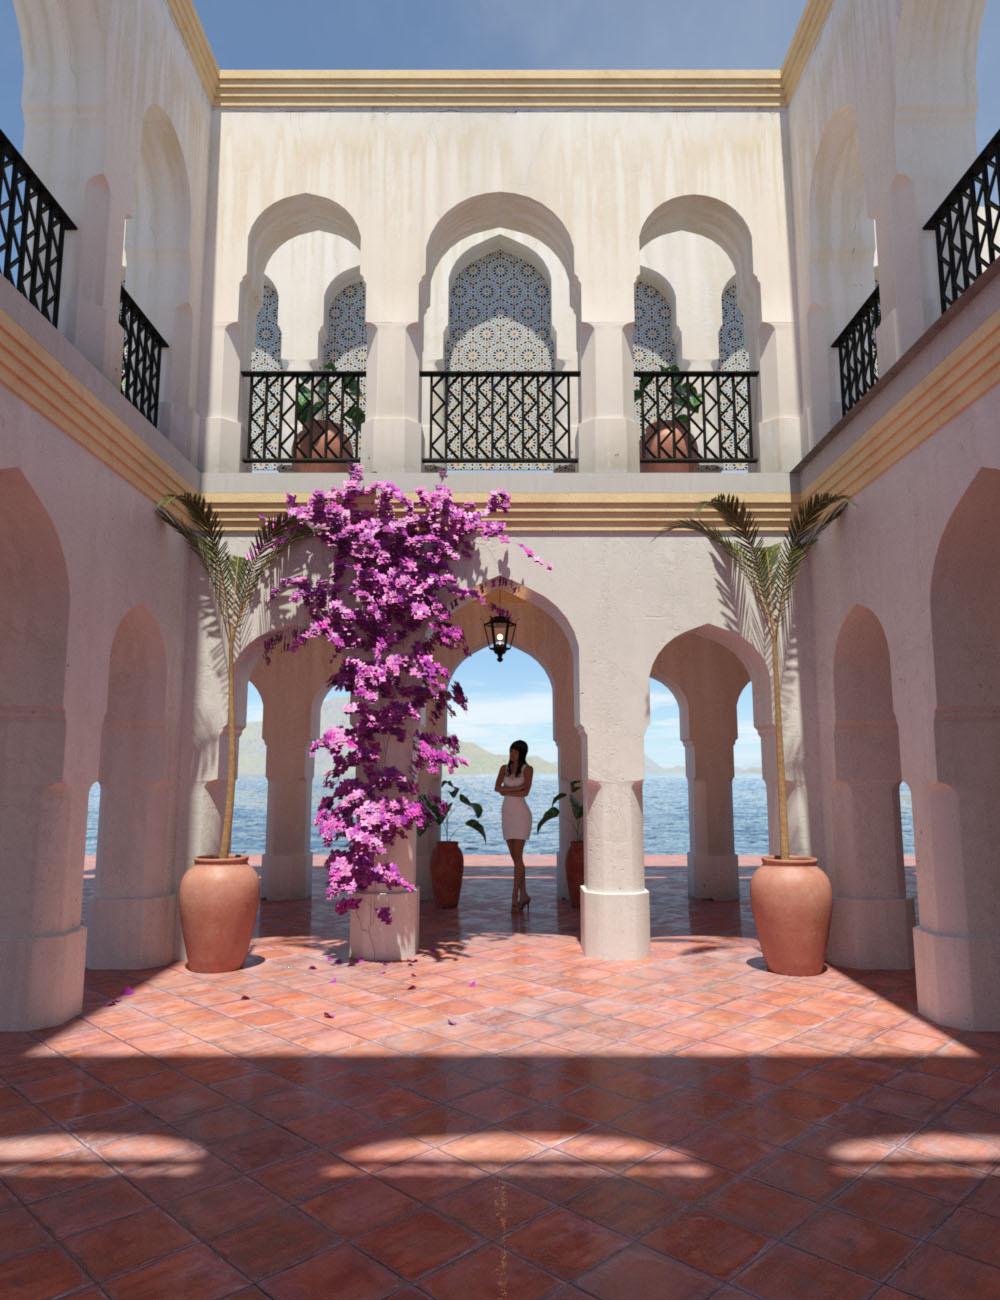 Moroccan Courtyard by: bitwelder, 3D Models by Daz 3D